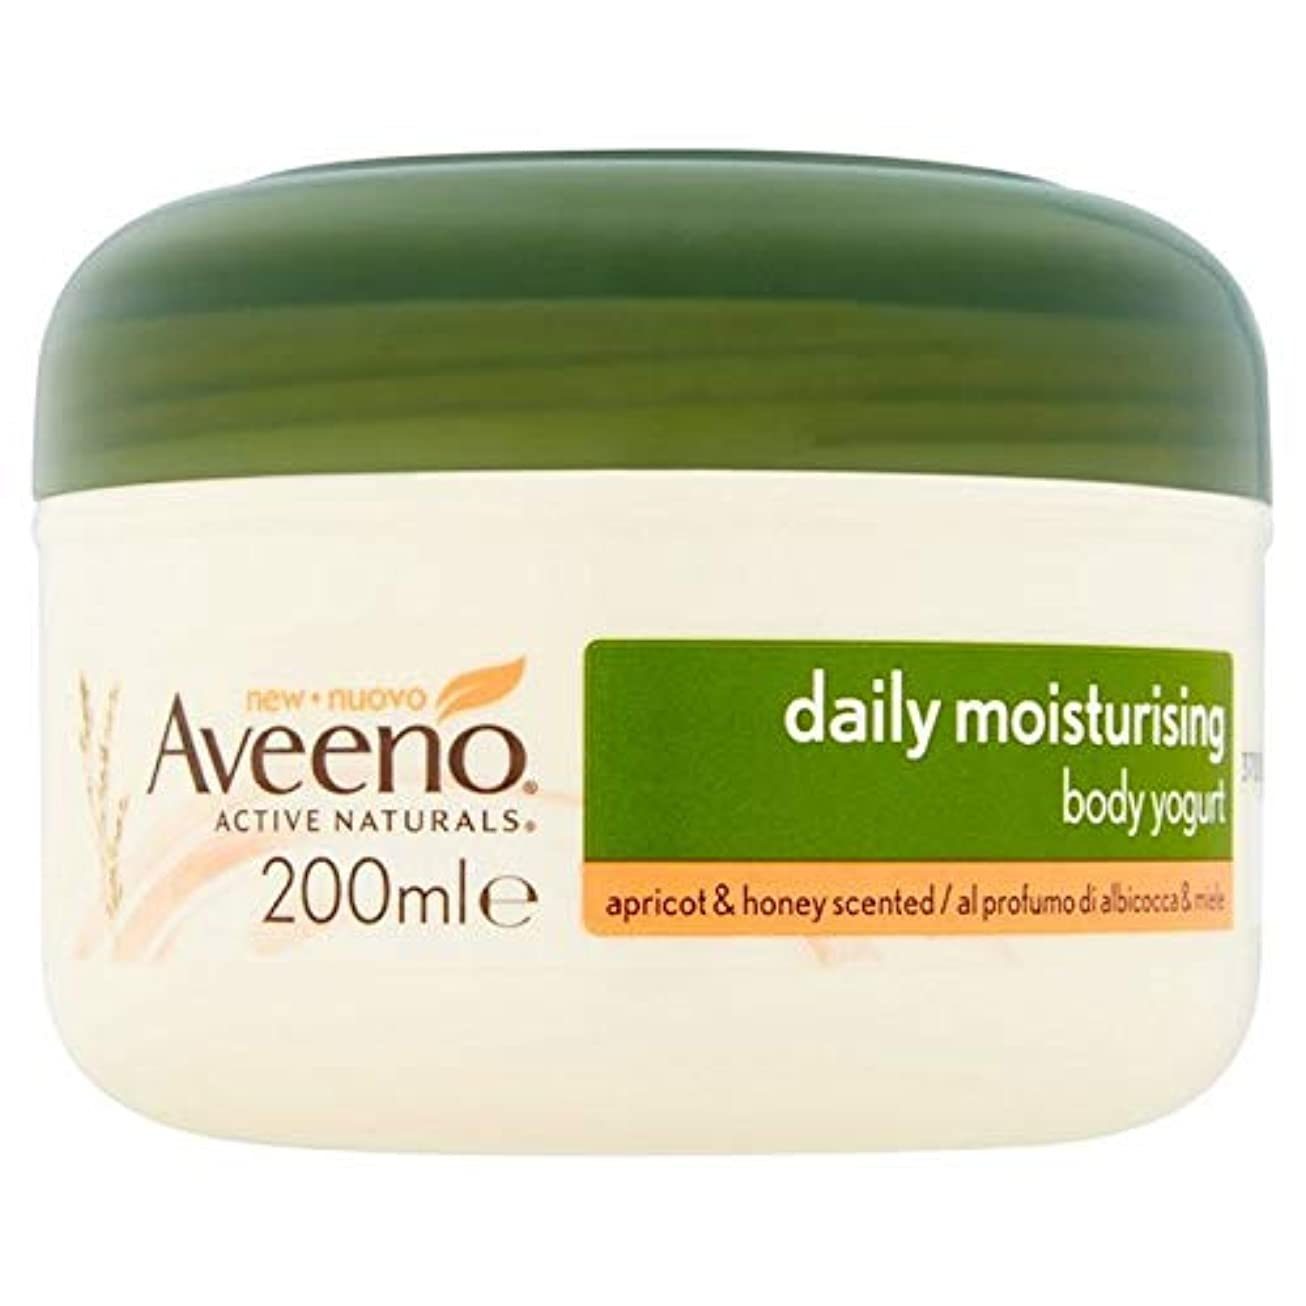 能力難民復活[Aveeno] Aveeno毎日保湿ボディヨーグルトアプリコット&ハニー200ミリリットル - Aveeno Daily Moisturising Body Yogurts Apricot & Honey 200ml...